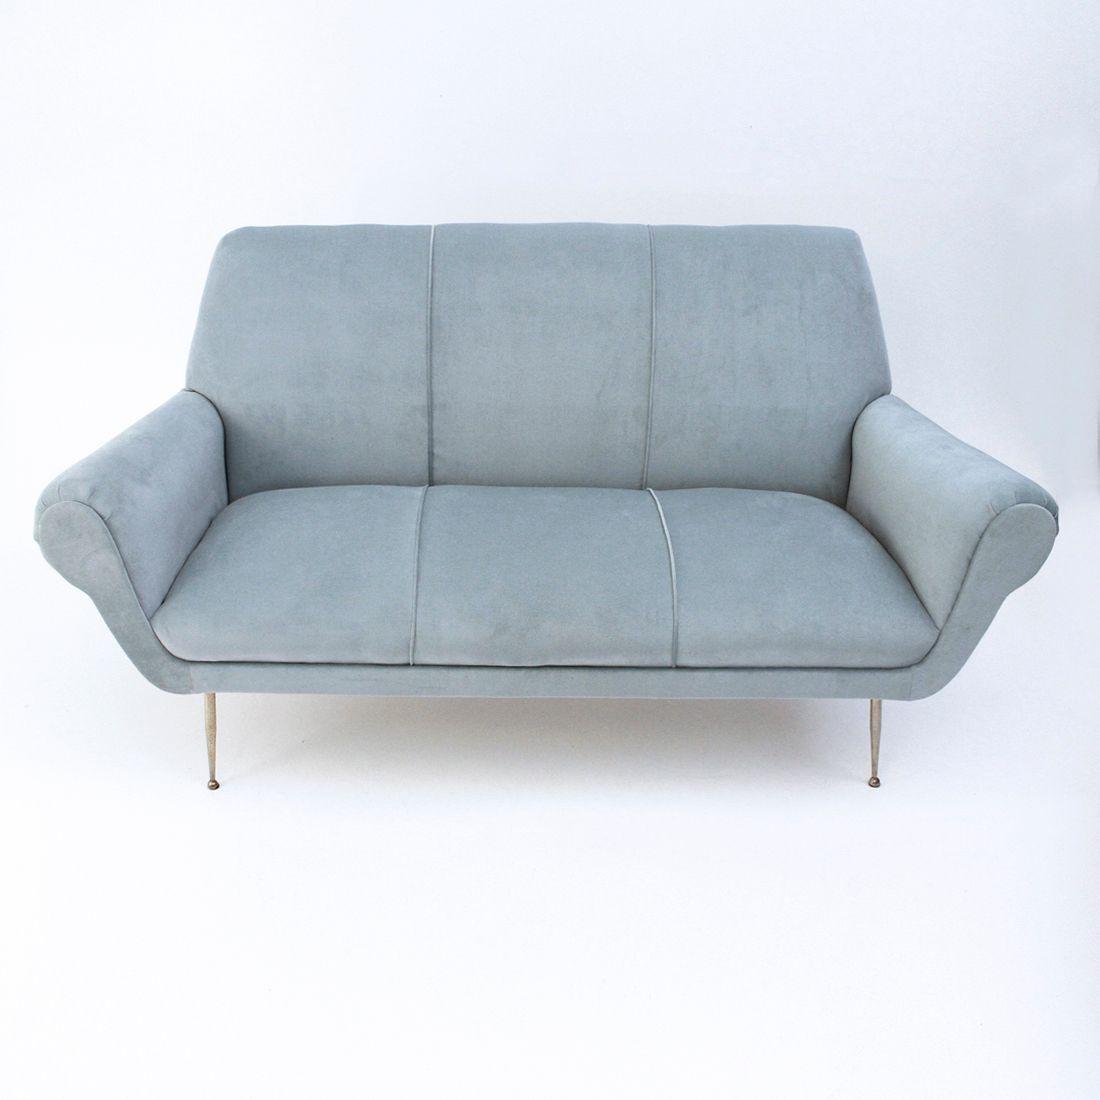 Canap mid century en velours bleu clair italie 1950s en for Canape velours bleu